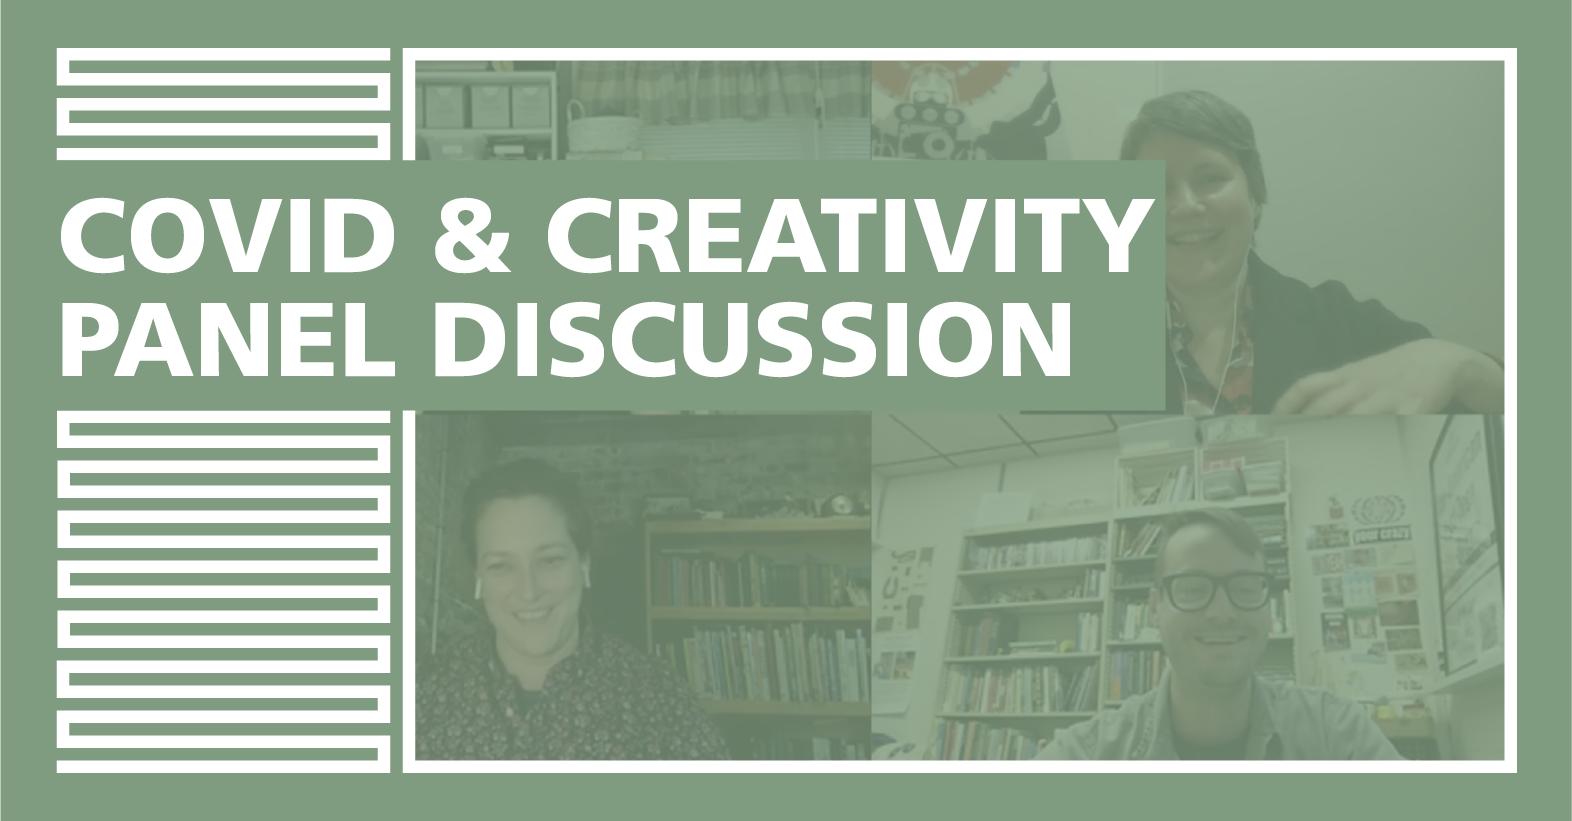 Covid & Creativity Panel Discussion